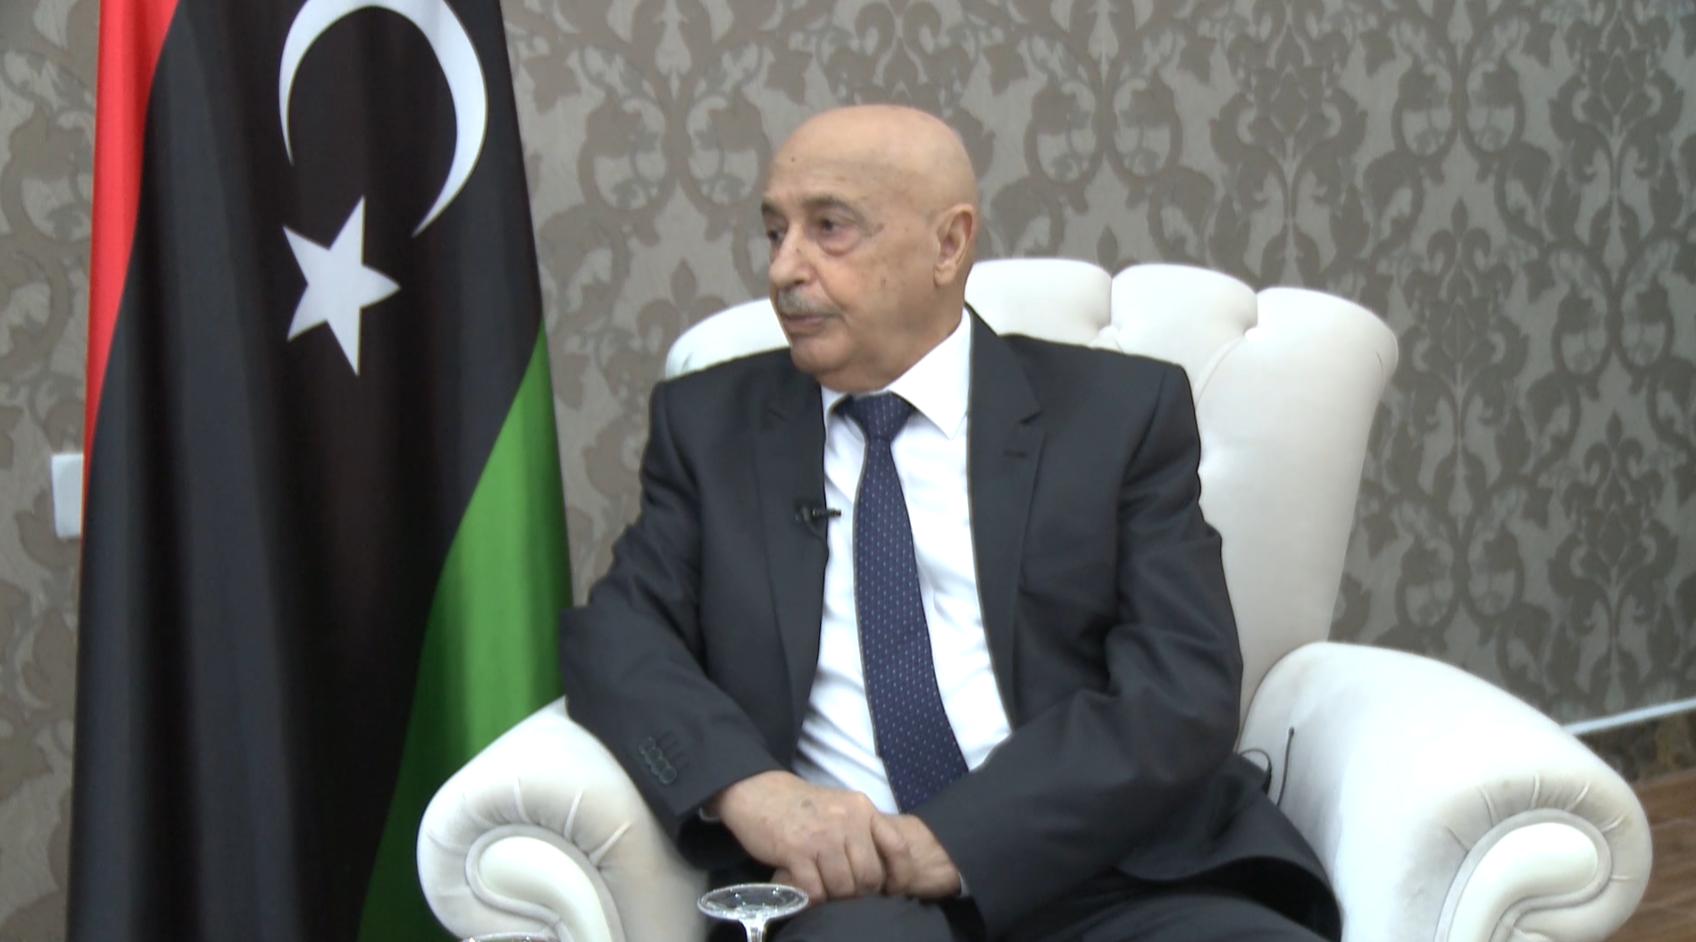 """عقيلة صالح يكشف لـ""""218 نيوز"""" موقفه من """"الاتفاق والسراج وحفتر"""""""